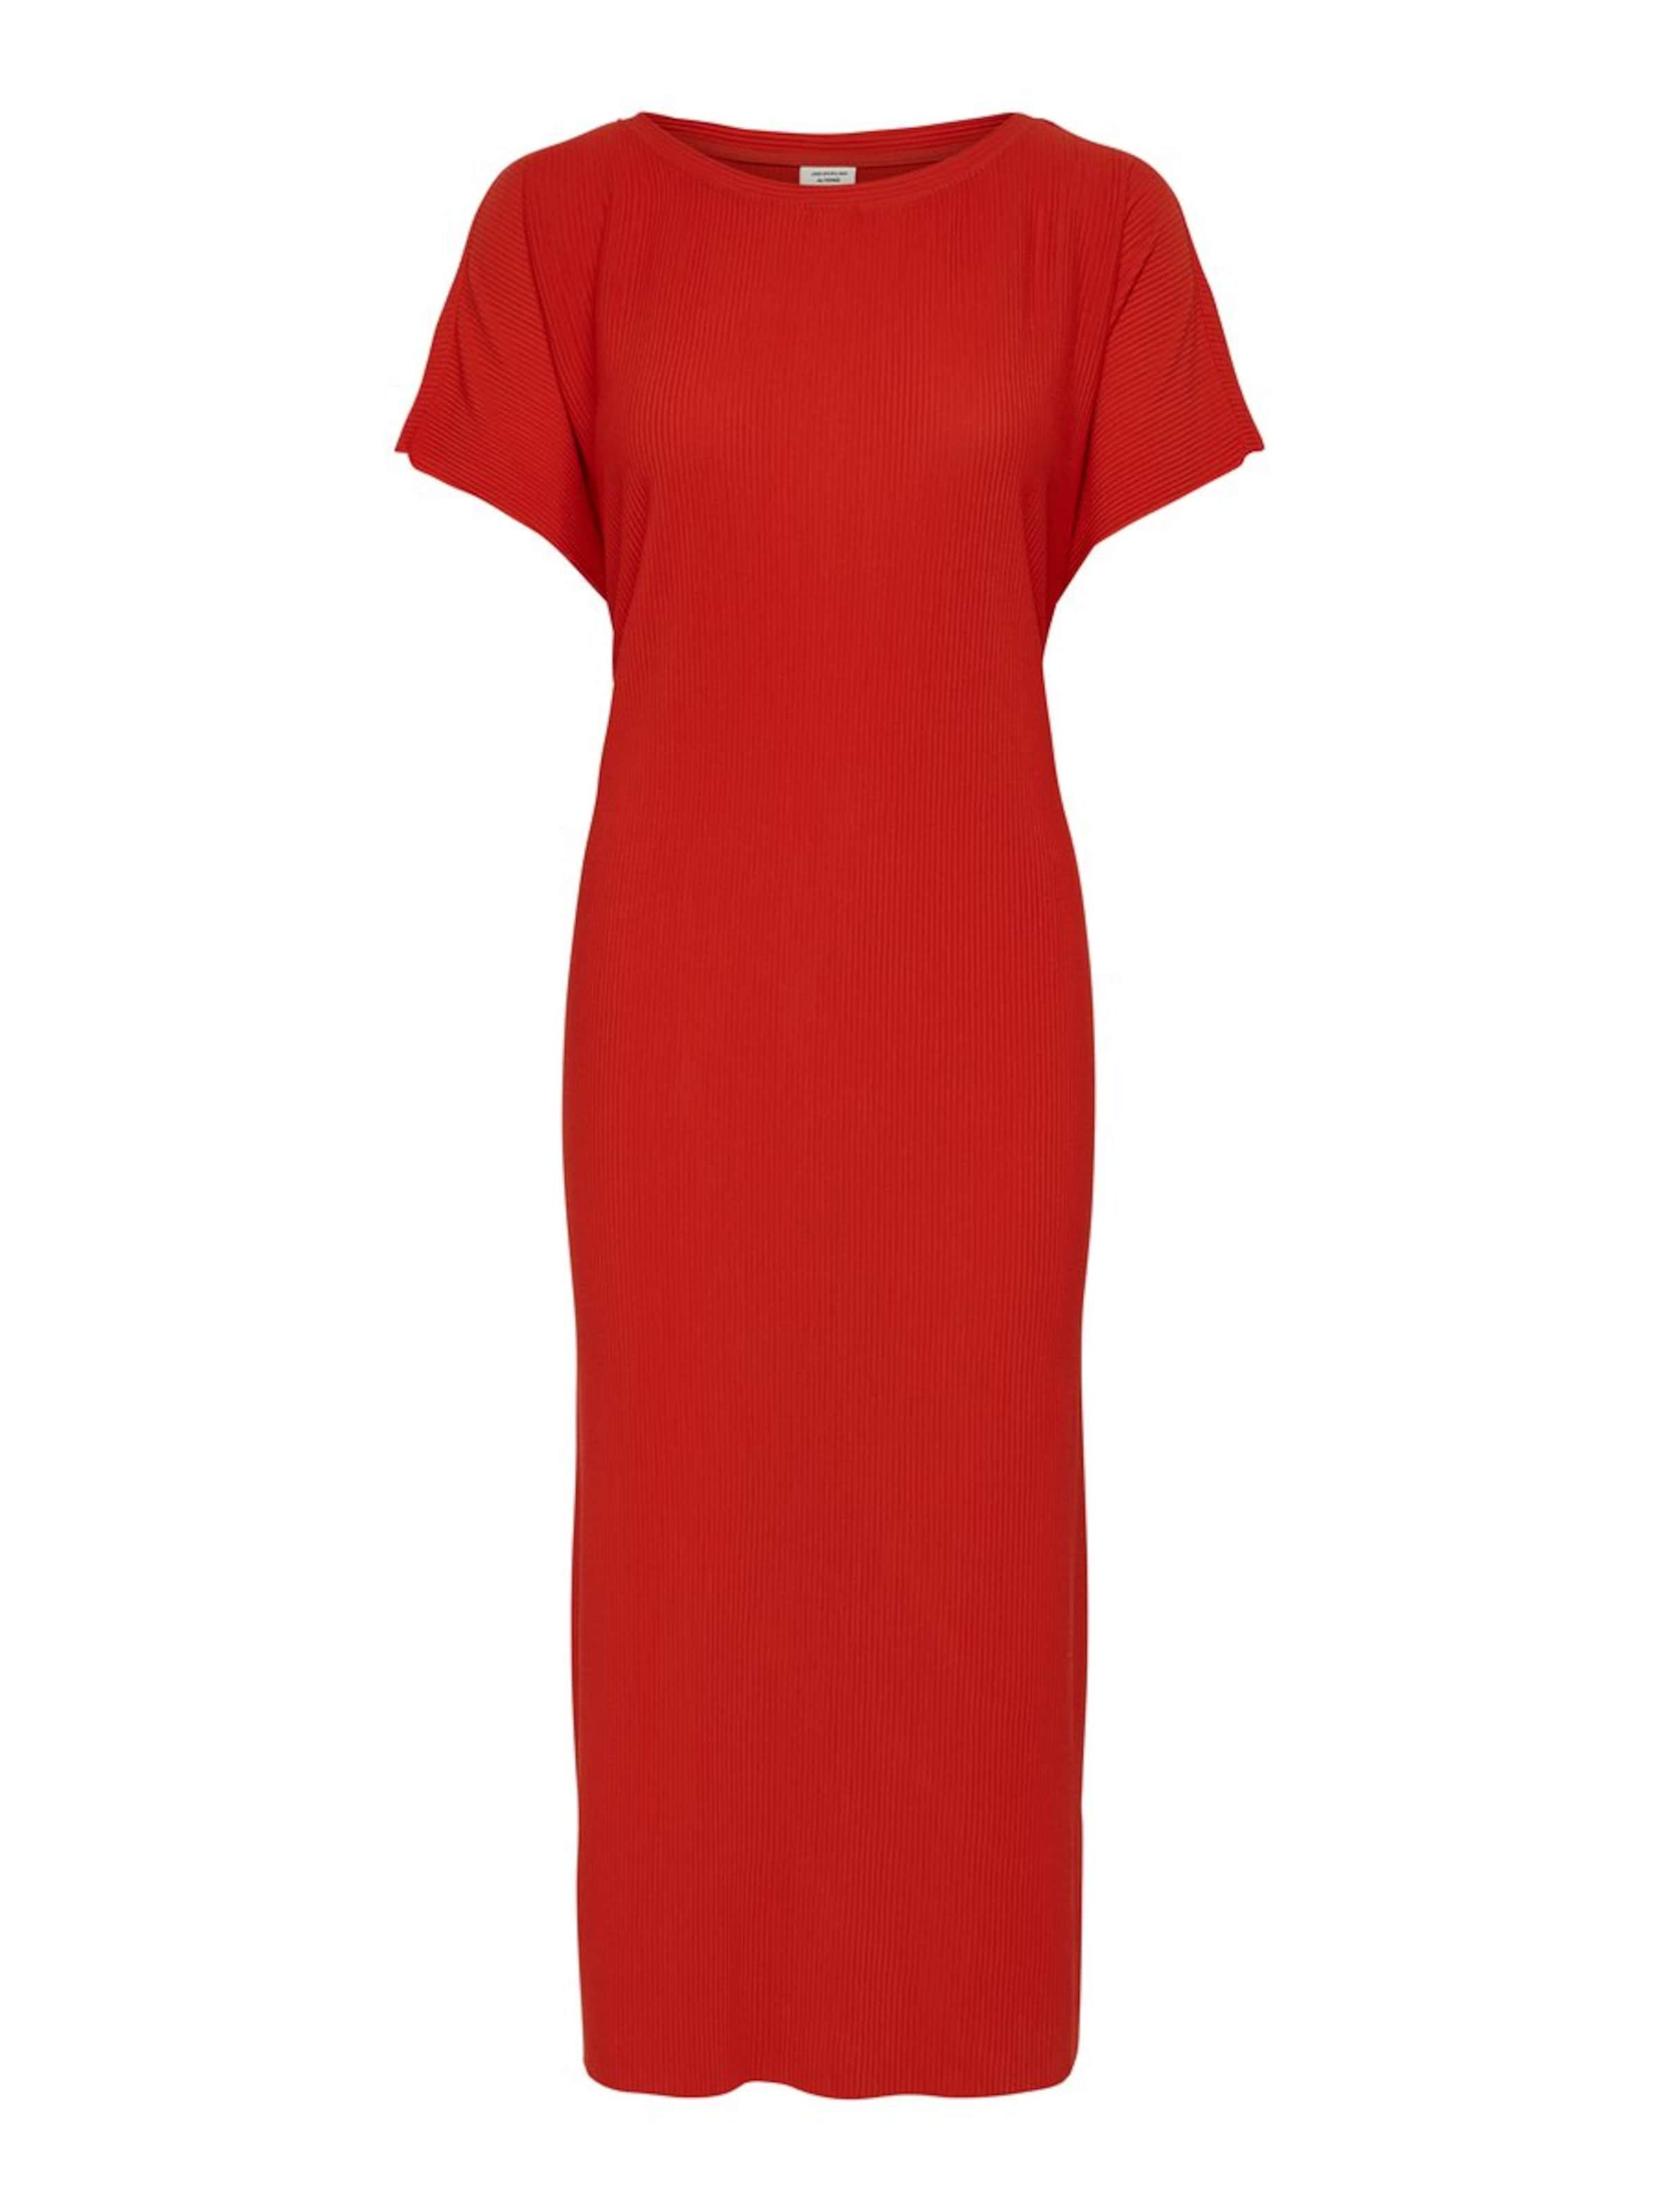 ba3a7027ad 'rilla' Kleid In Jacqueline Yong Feuerrot De dexBoCr